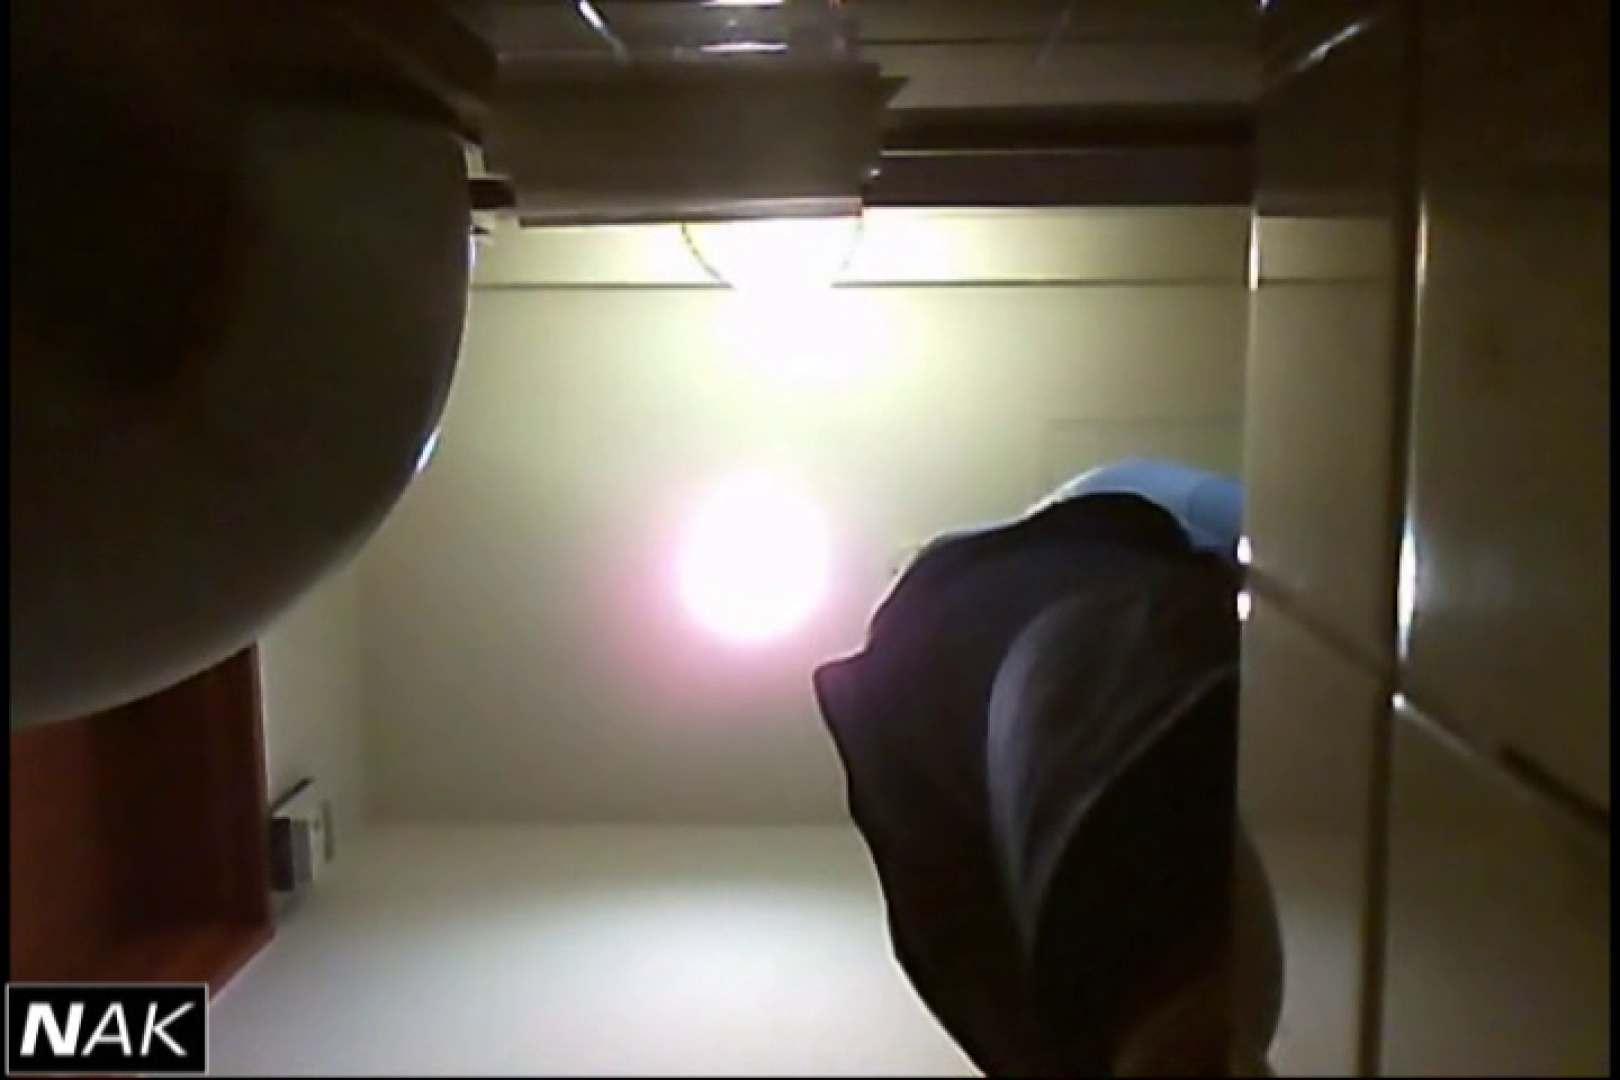 亀さんかわや VIP和式2カメバージョン! vol.05 マンコ無修正 覗きスケベ動画紹介 110画像 97